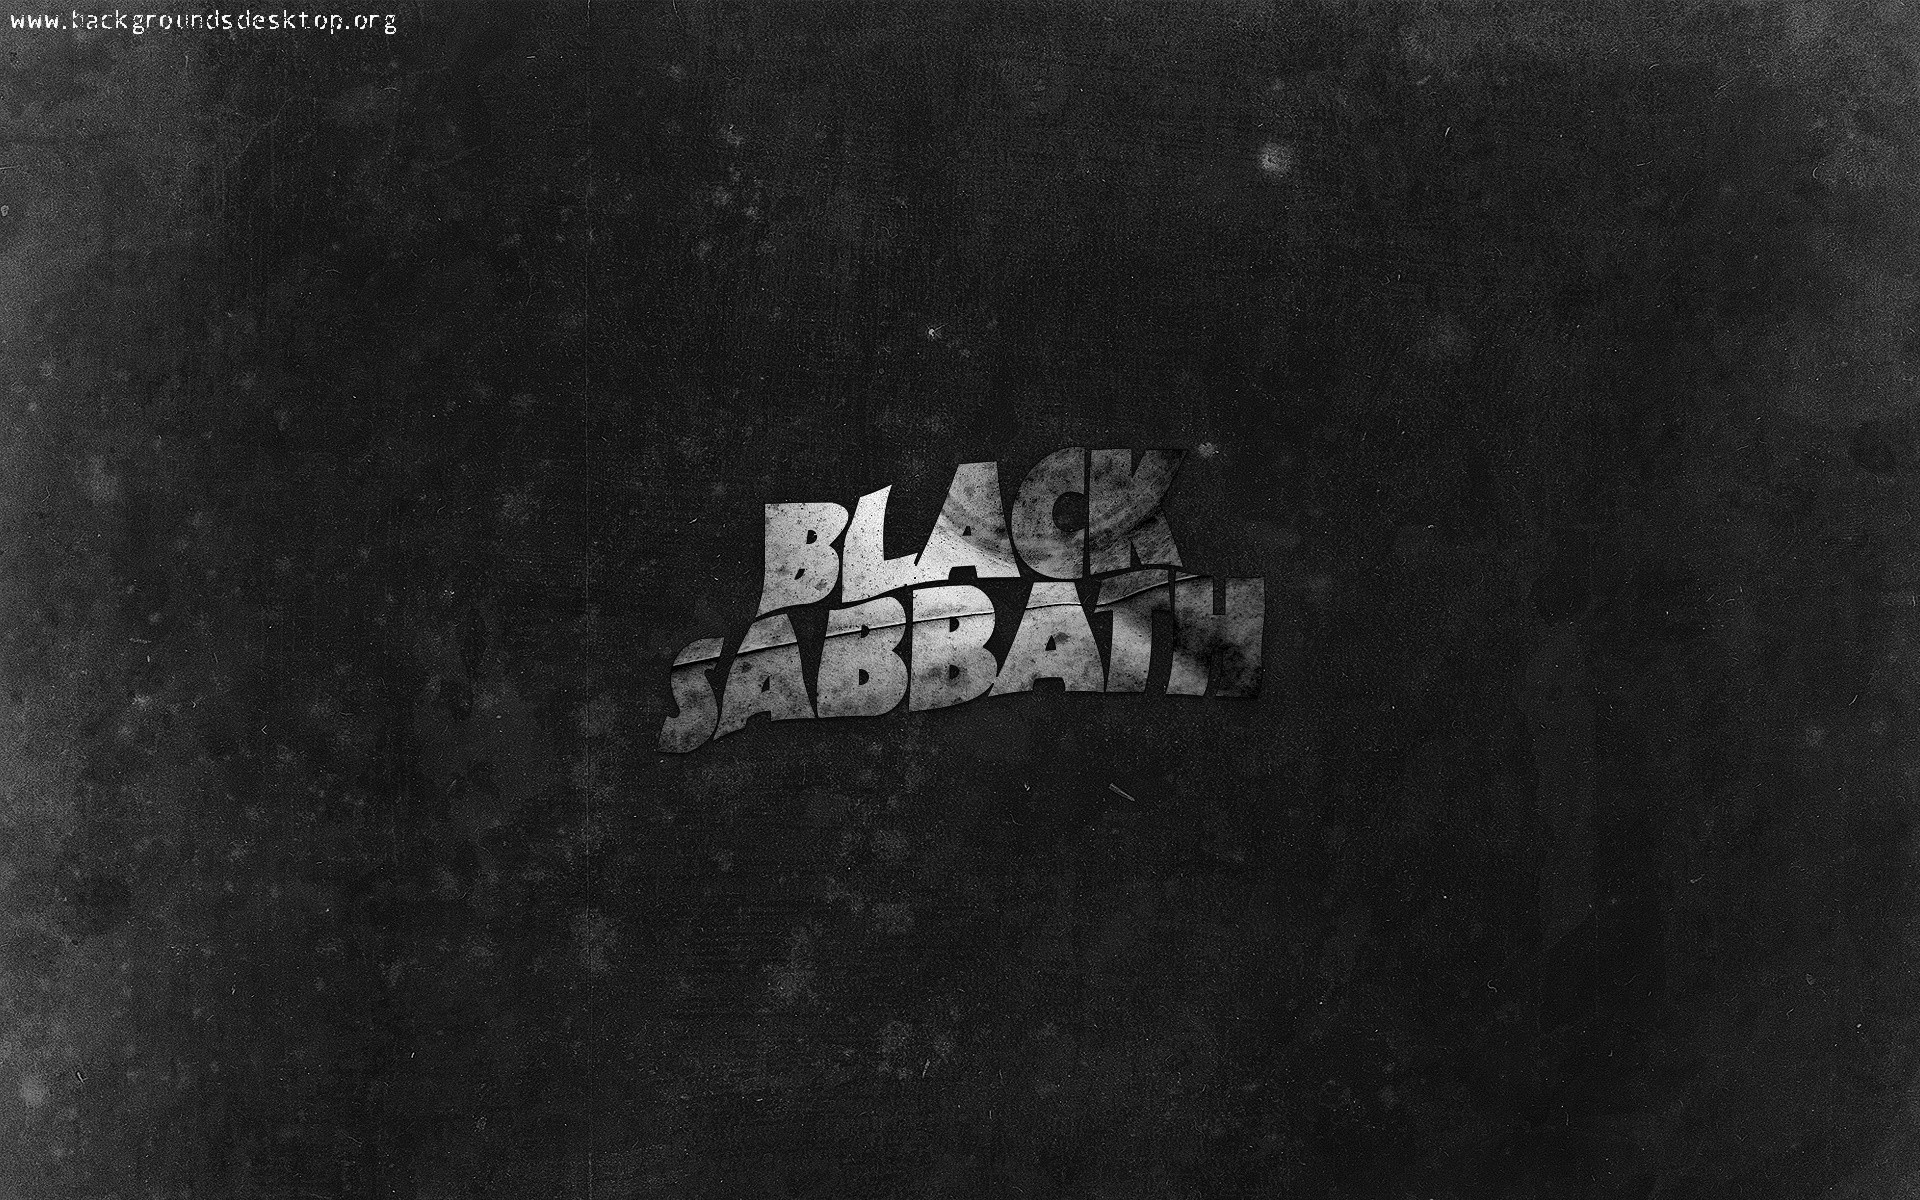 Black Sabbath Wallpapers 3289 HD Wallpapers | pictwalls.